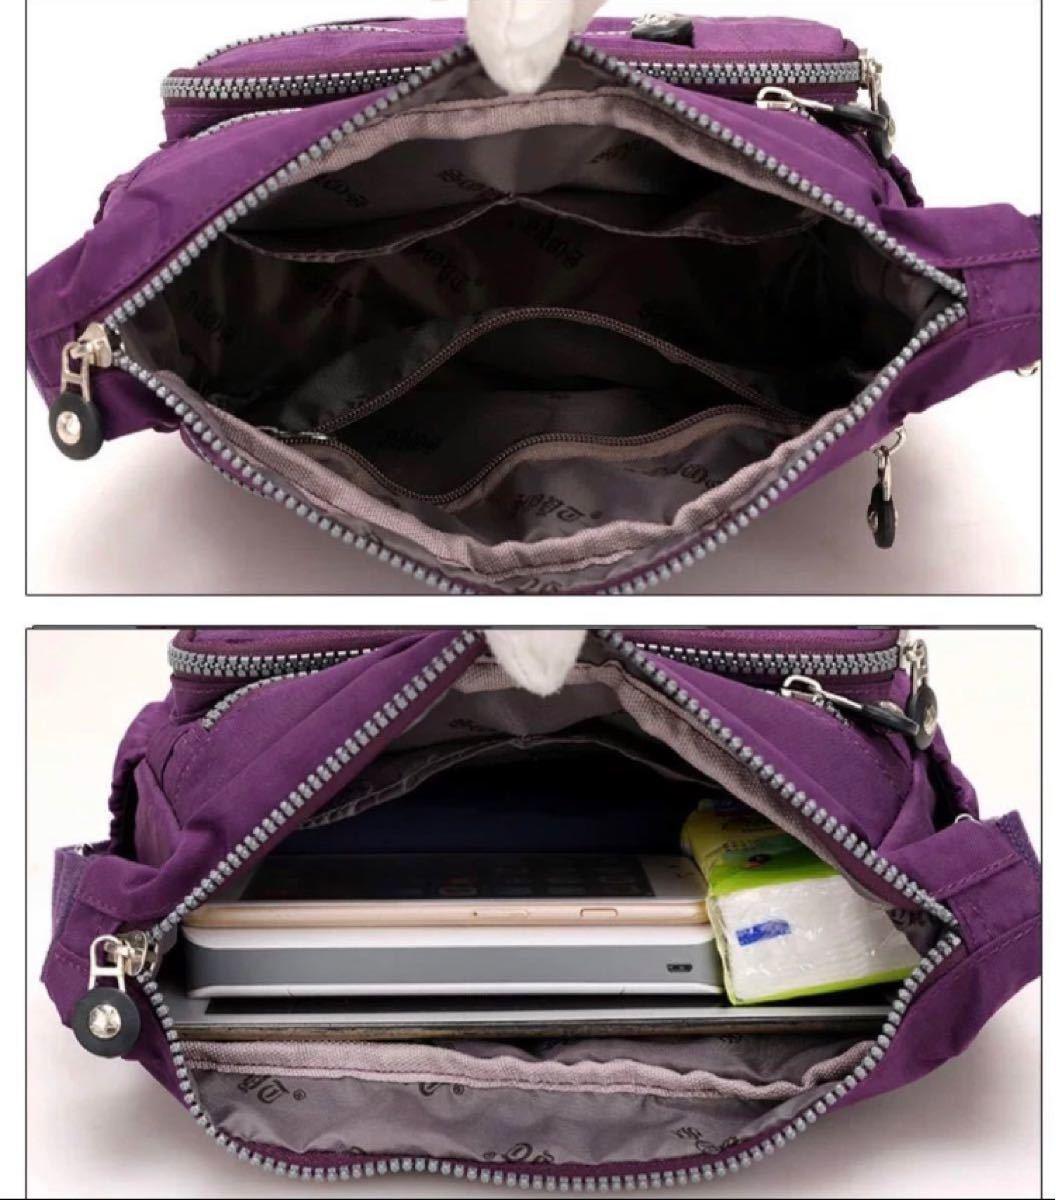 ショルダーバッグ 斜めがけ 黒 ボディーバッグ レディースバッグ iPad  斜めがけバッグ トラベルバッグ マザーズバッグ 軽量